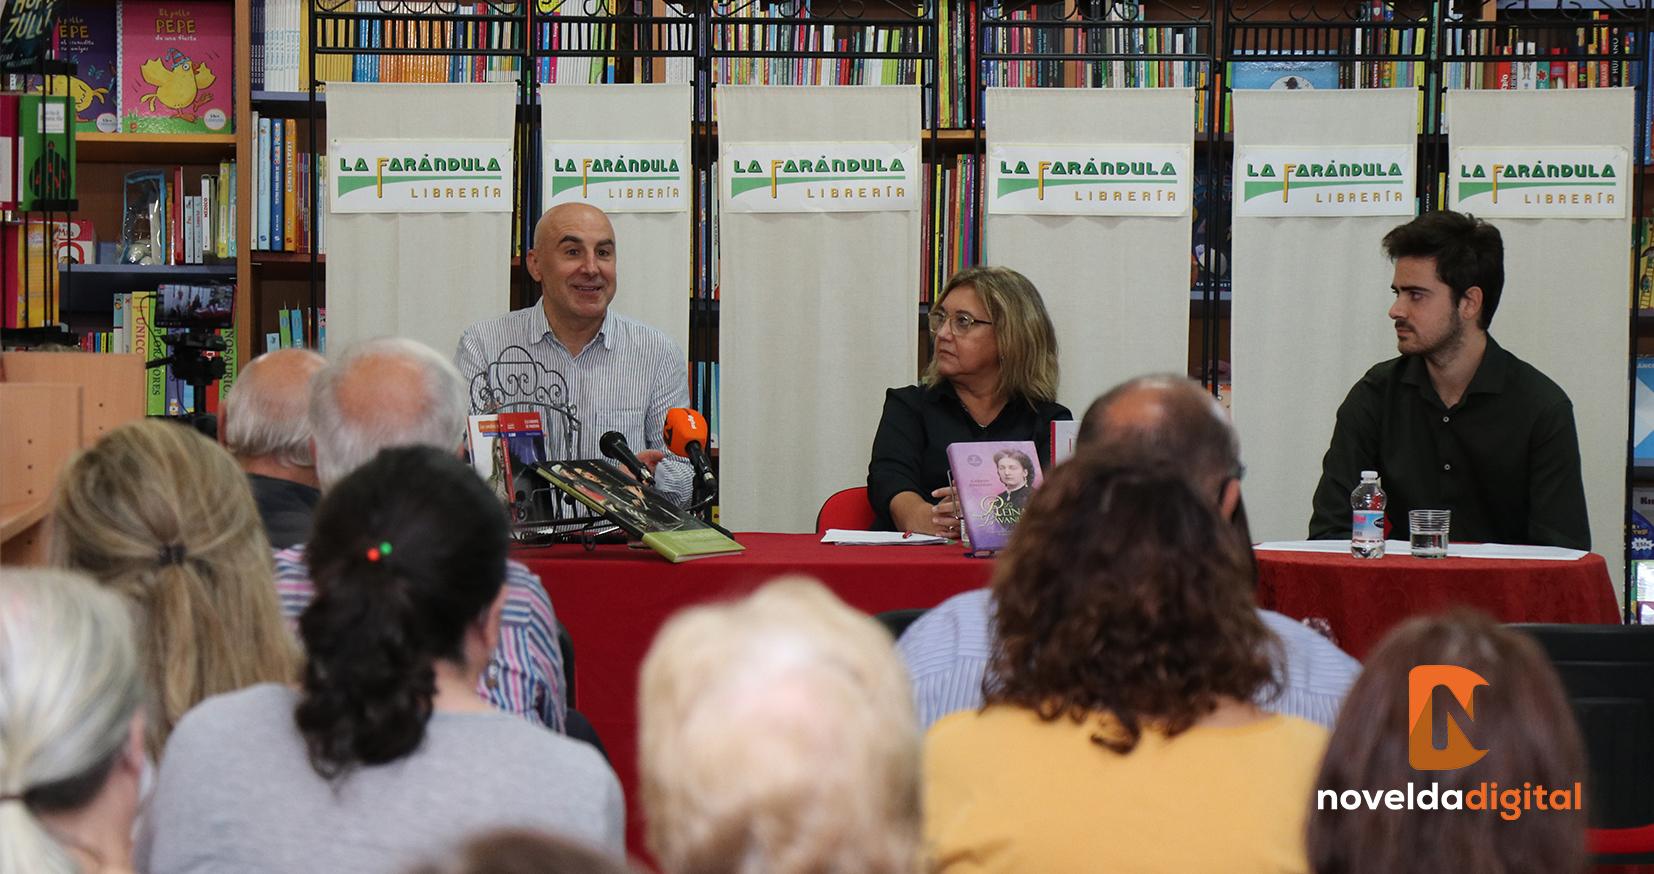 Excelente encuentro literario «Afinidades electivas» en la librería La Farándula con Silvestre Vilaplana y Carmen Gallardo